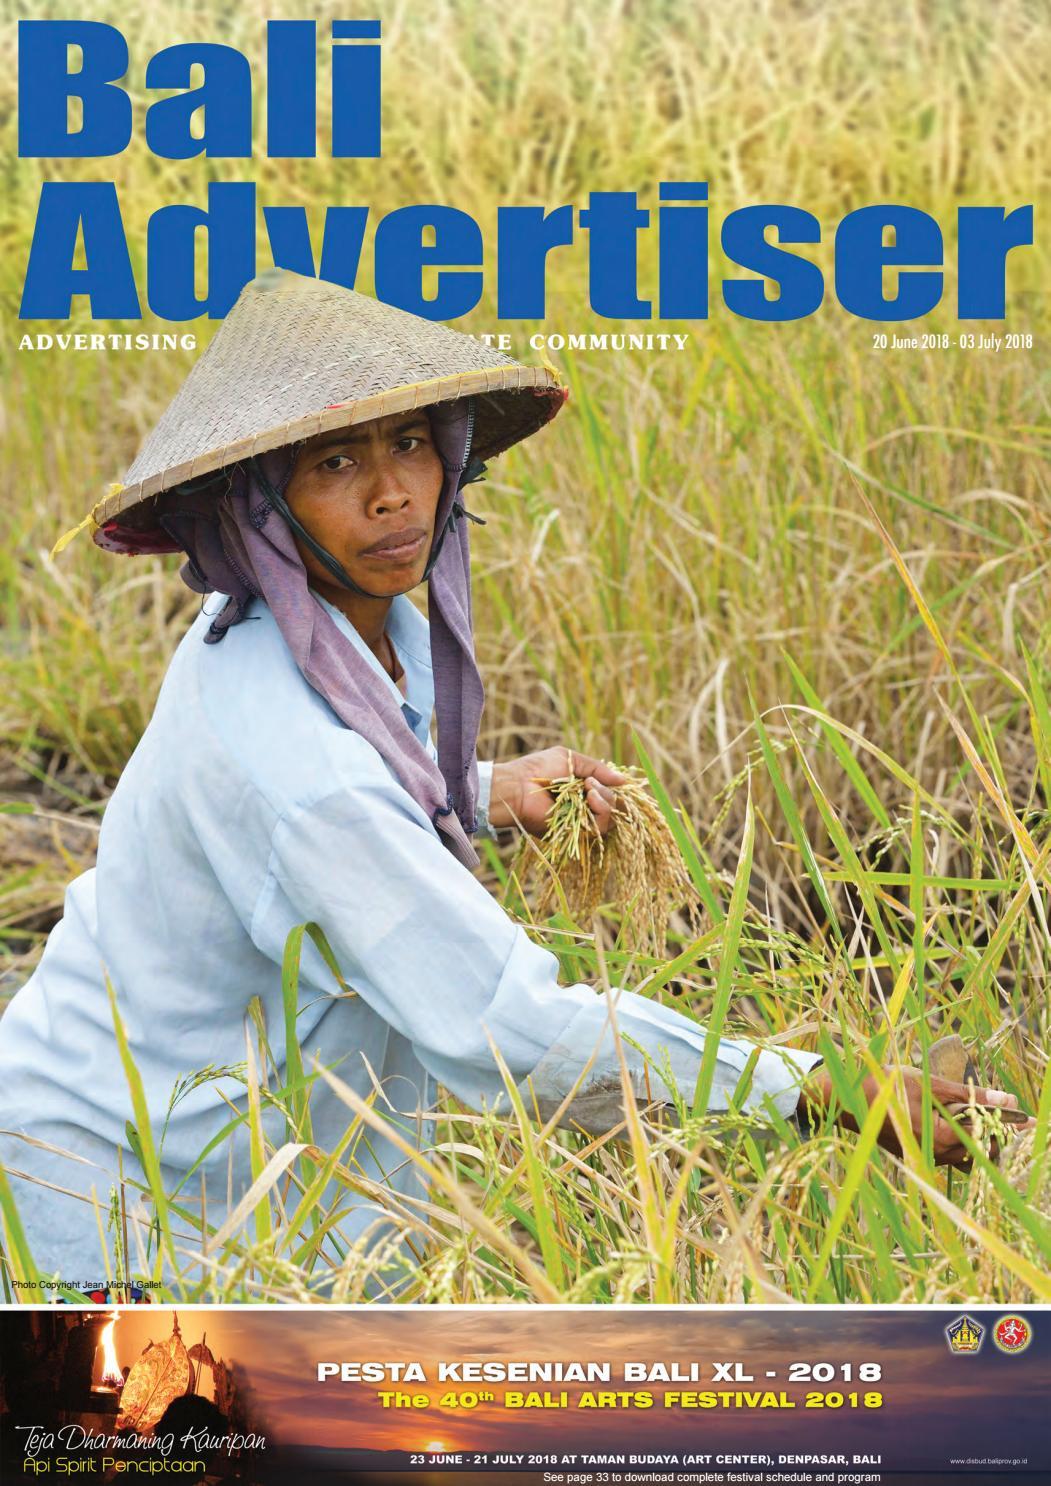 Ba 20 June 2018 By Bali Advertiser Issuu New Arrival Map Voucher 25juta Bonus 50k